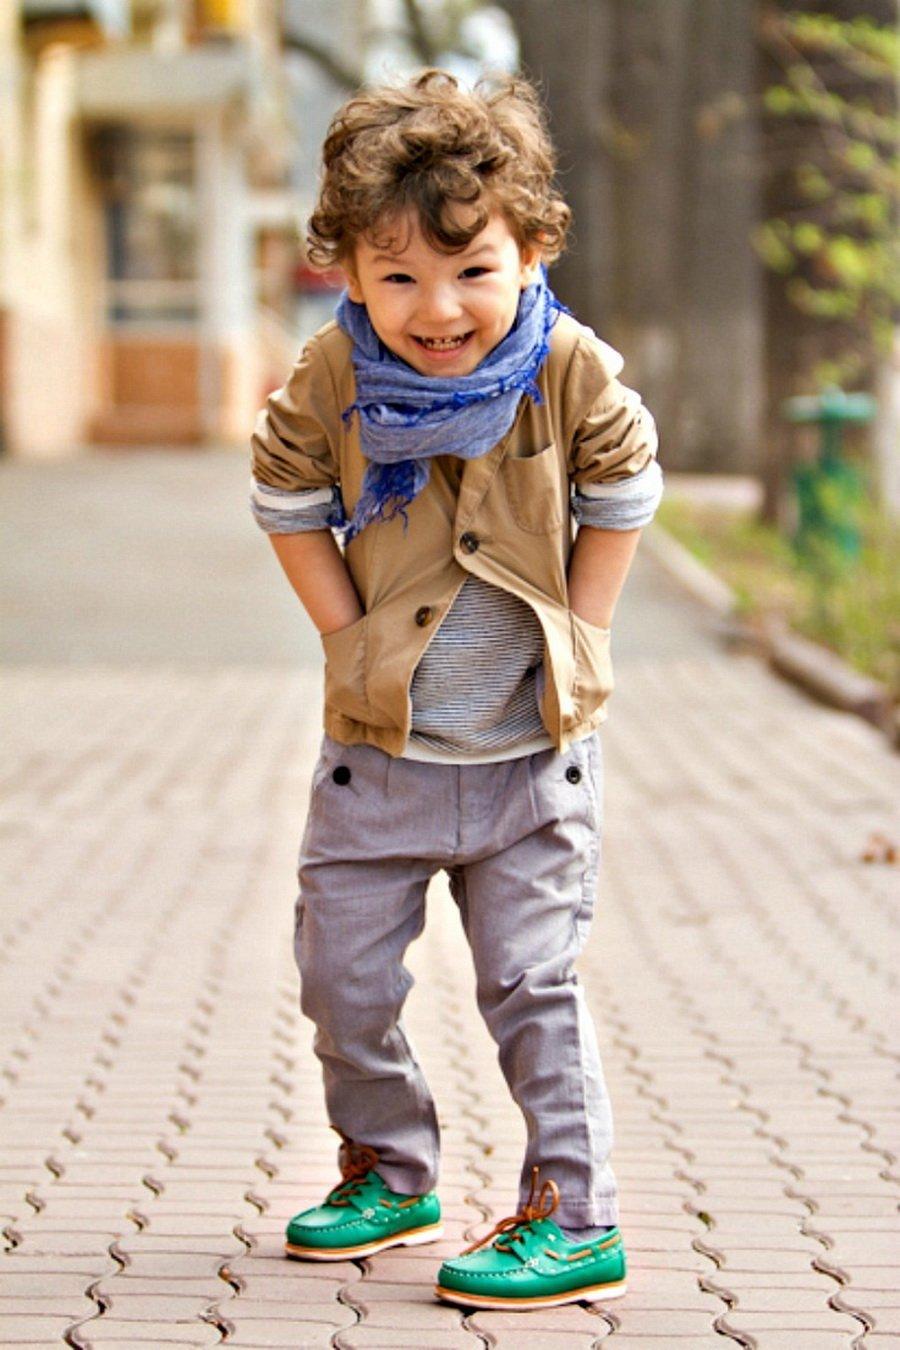 f3f06b8bf98e3 Bebé usando una chaqueta bufanda y pantalón gris parado en la calle